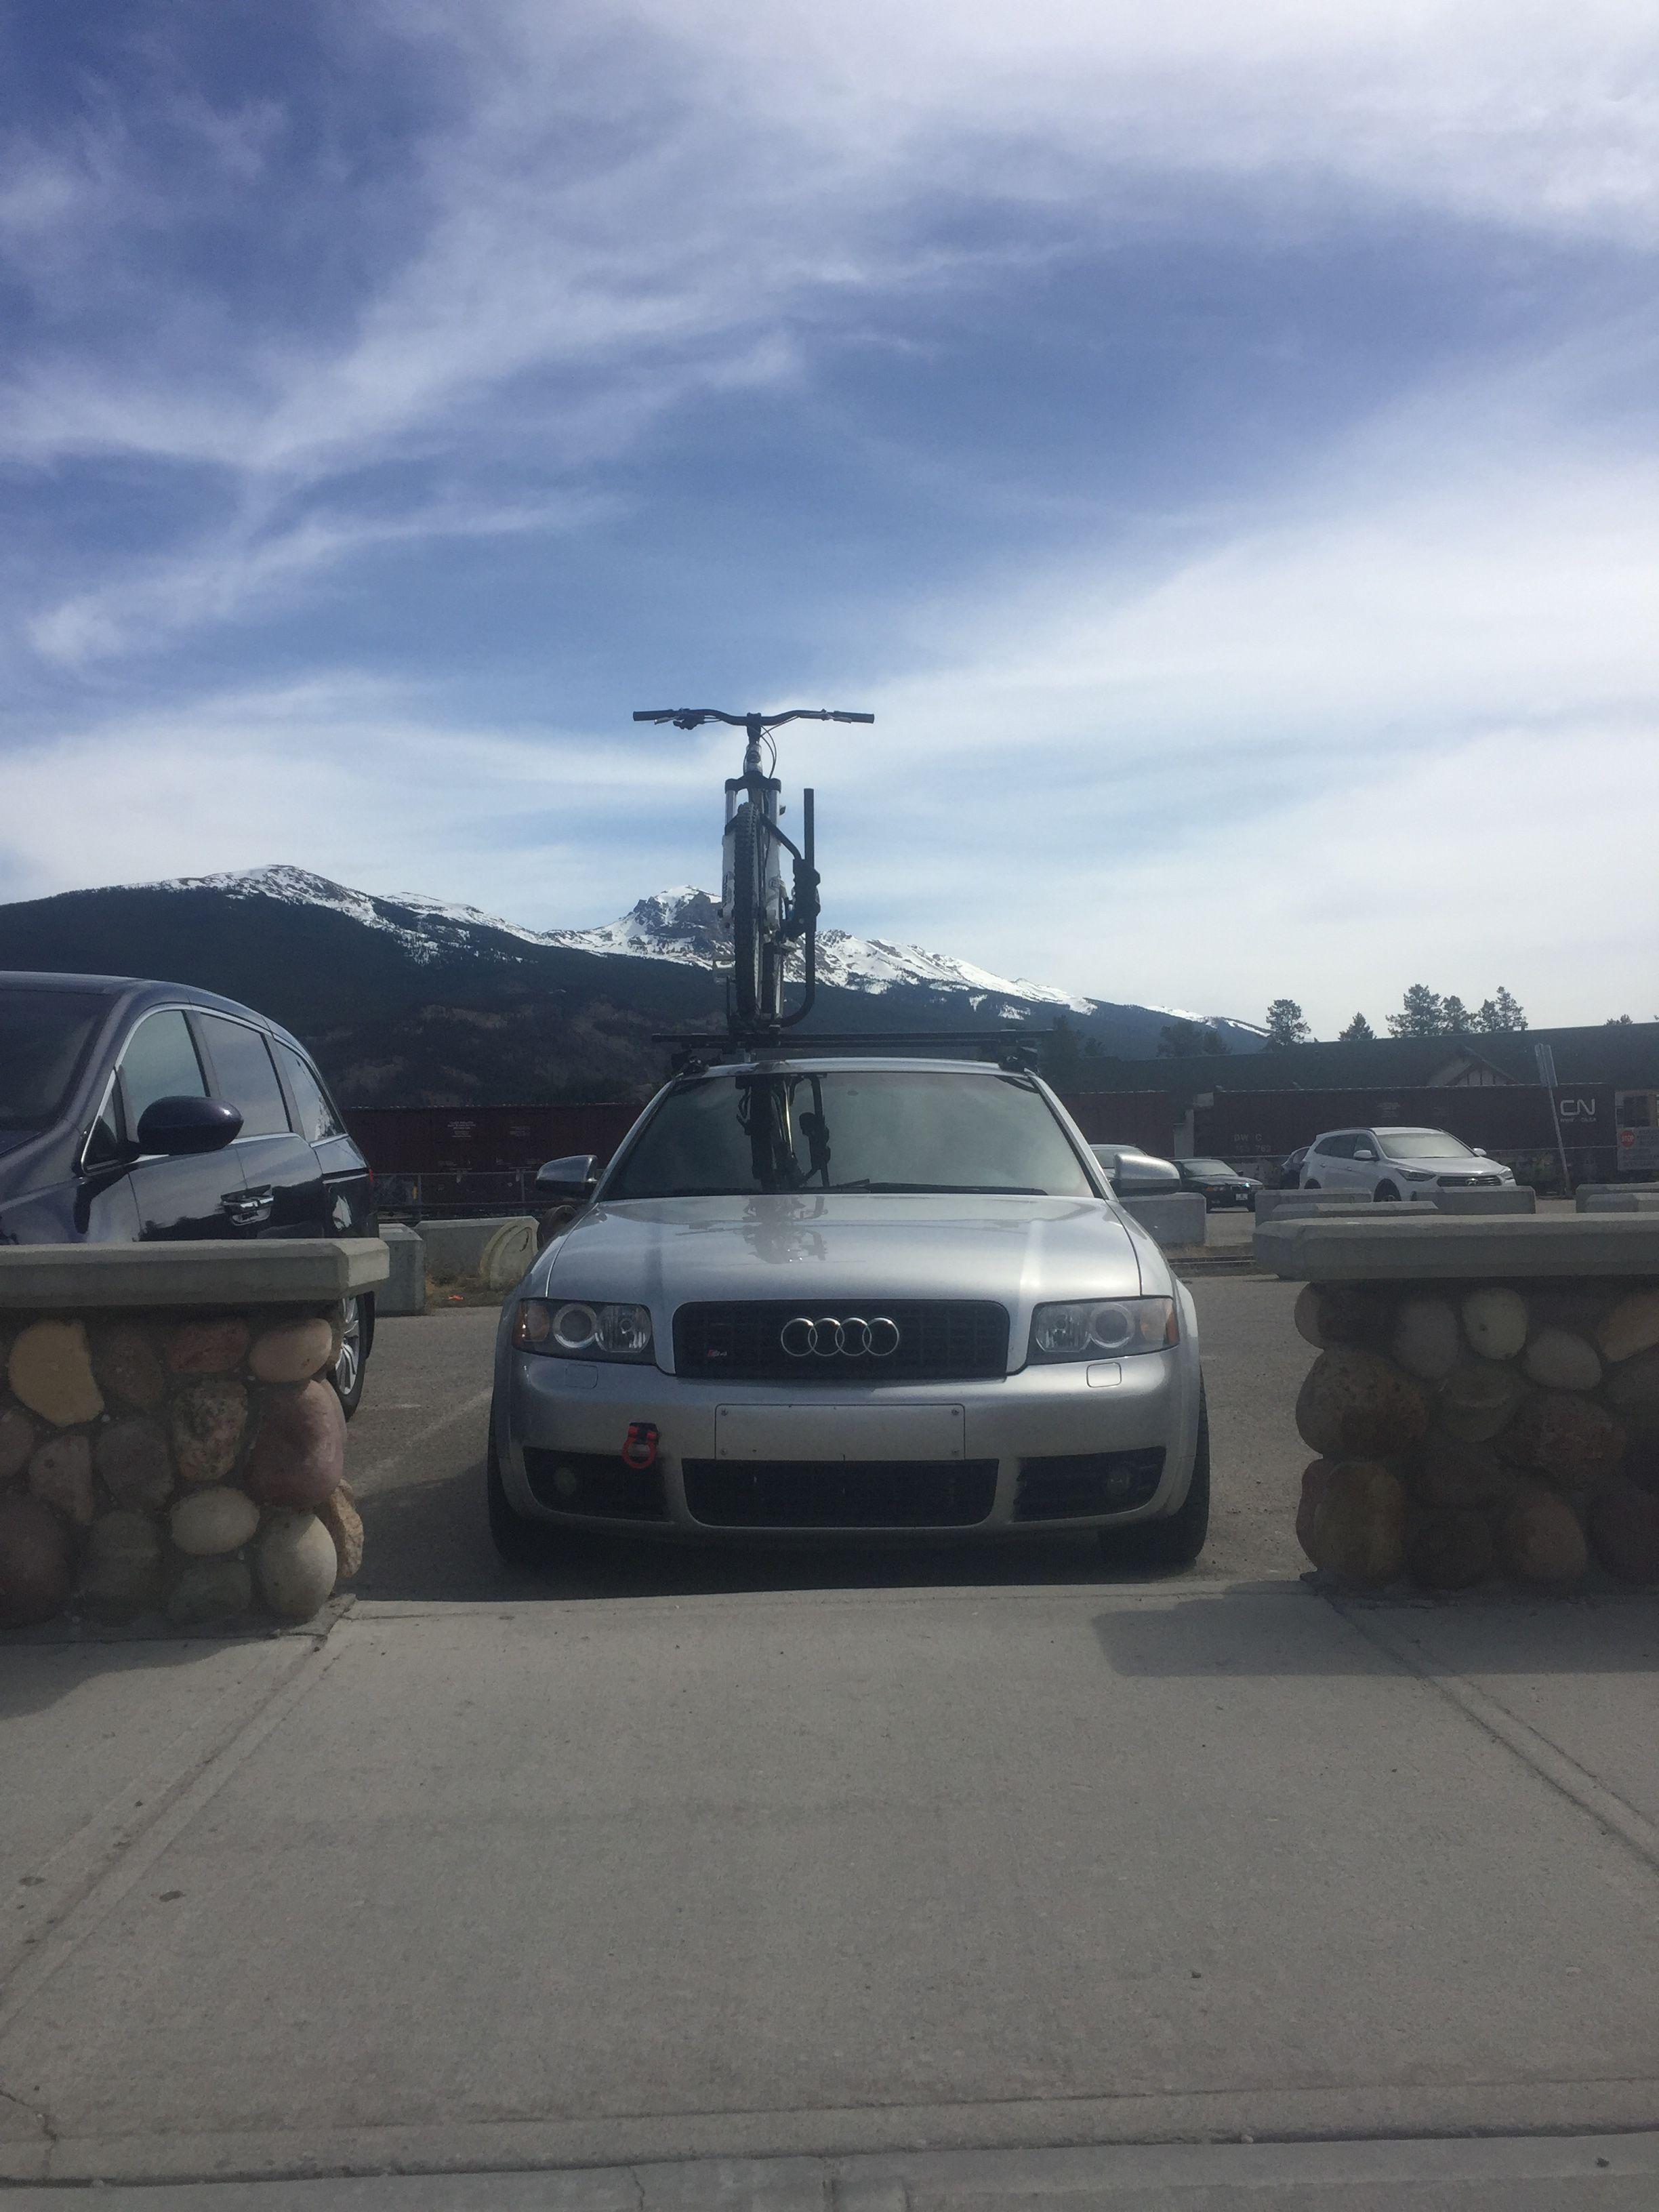 B6 S4 With Roof Bike Rack